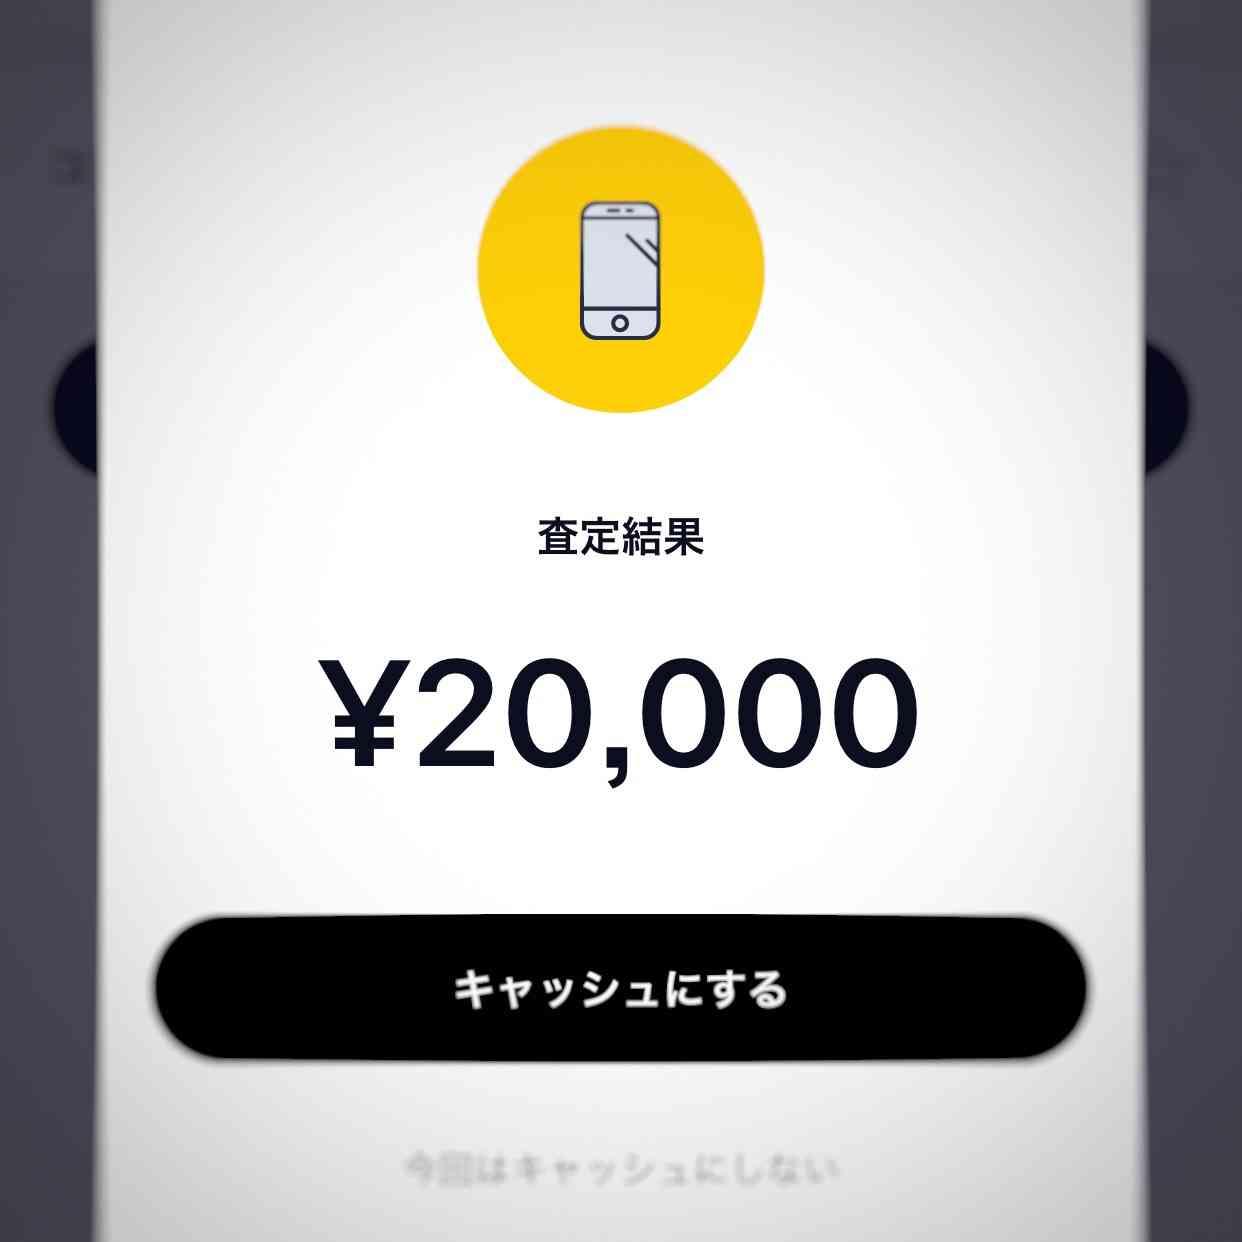 ノールック少額融資CASHで3000円+振込手数料を一瞬で失った俺の全行程 | 揺蕩ふ。